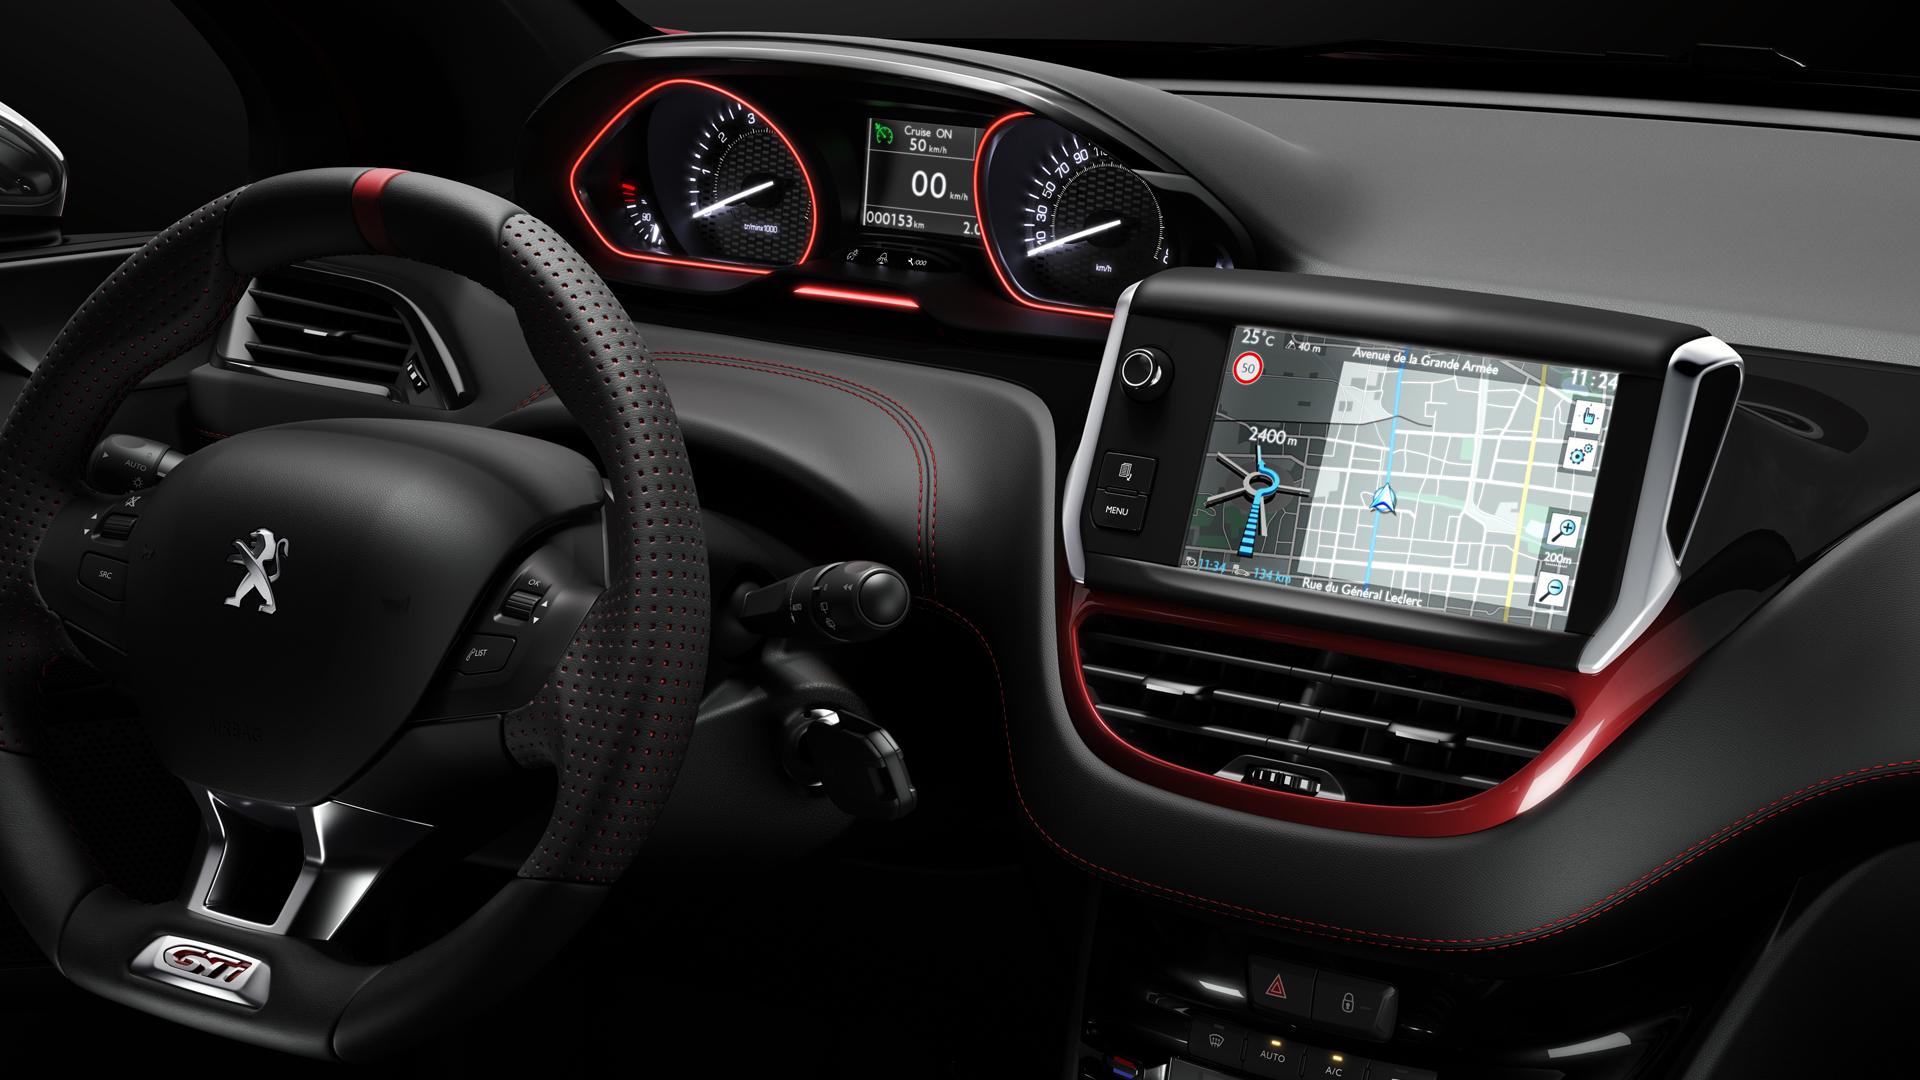 El Peugeot 208 GTI 30th pierde su exclusividad: ya no es una edición limitada 2